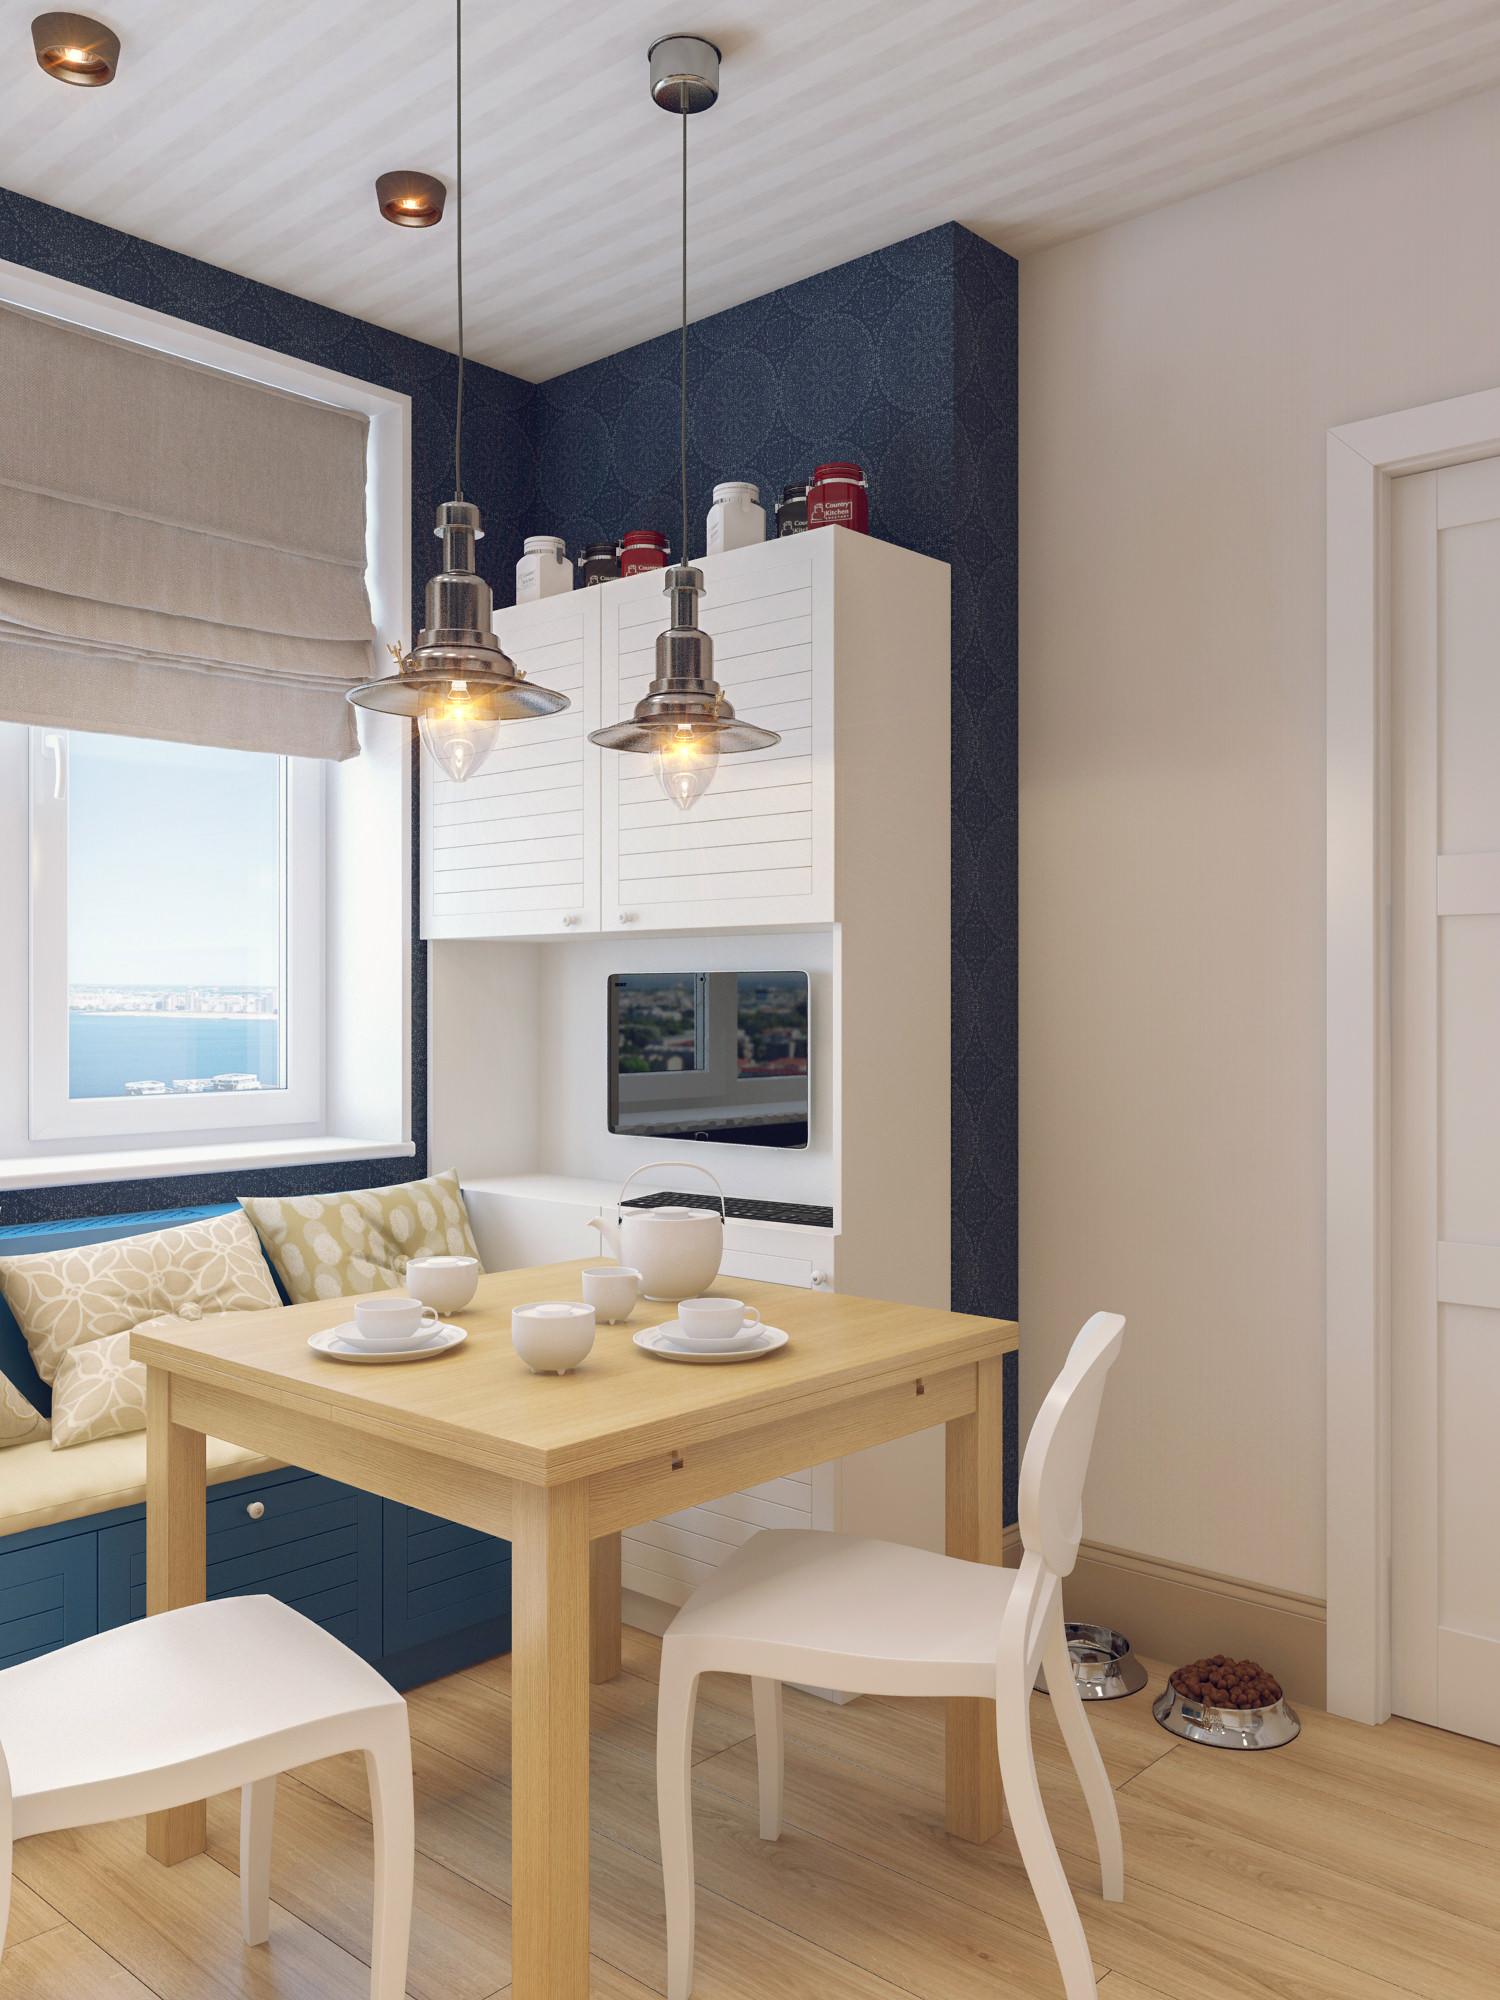 Две люстры и точечные светильники на кухне